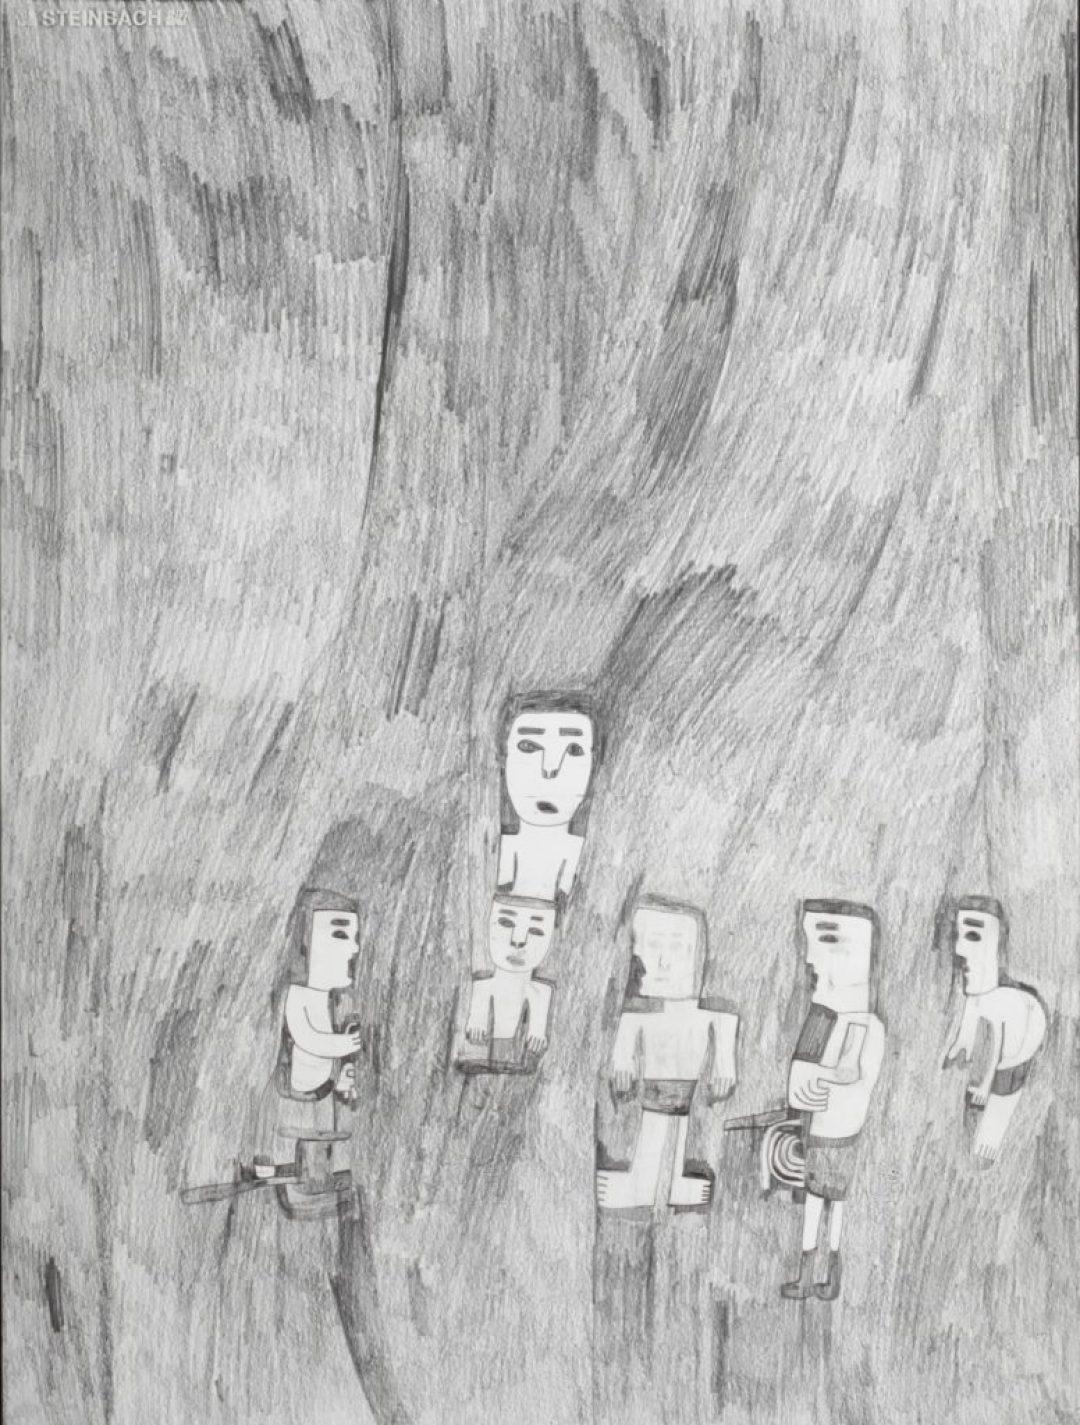 Alexis Lippstreu, Sans titre, 2011, crayons gris sur papier, 73 x 55 cm